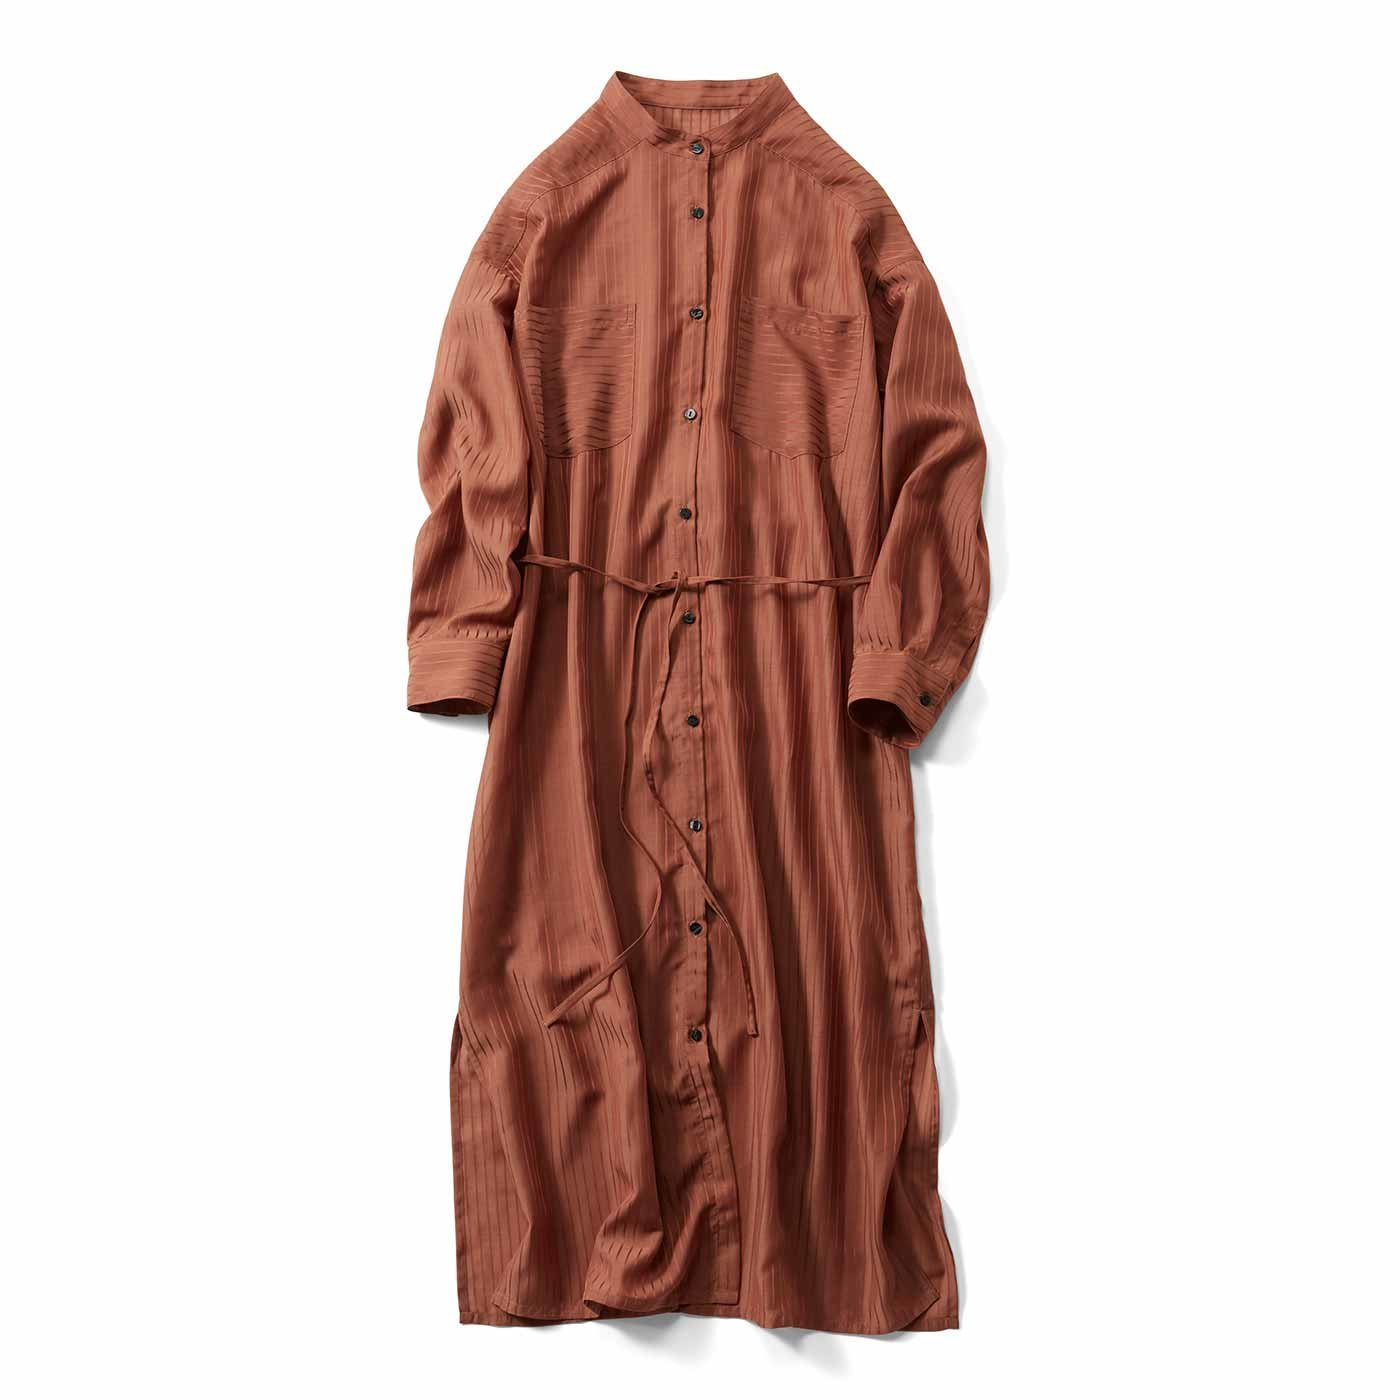 IEDIT[イディット] シアー素材のストライプロングシャツドレス〈テラコッタブラウン〉